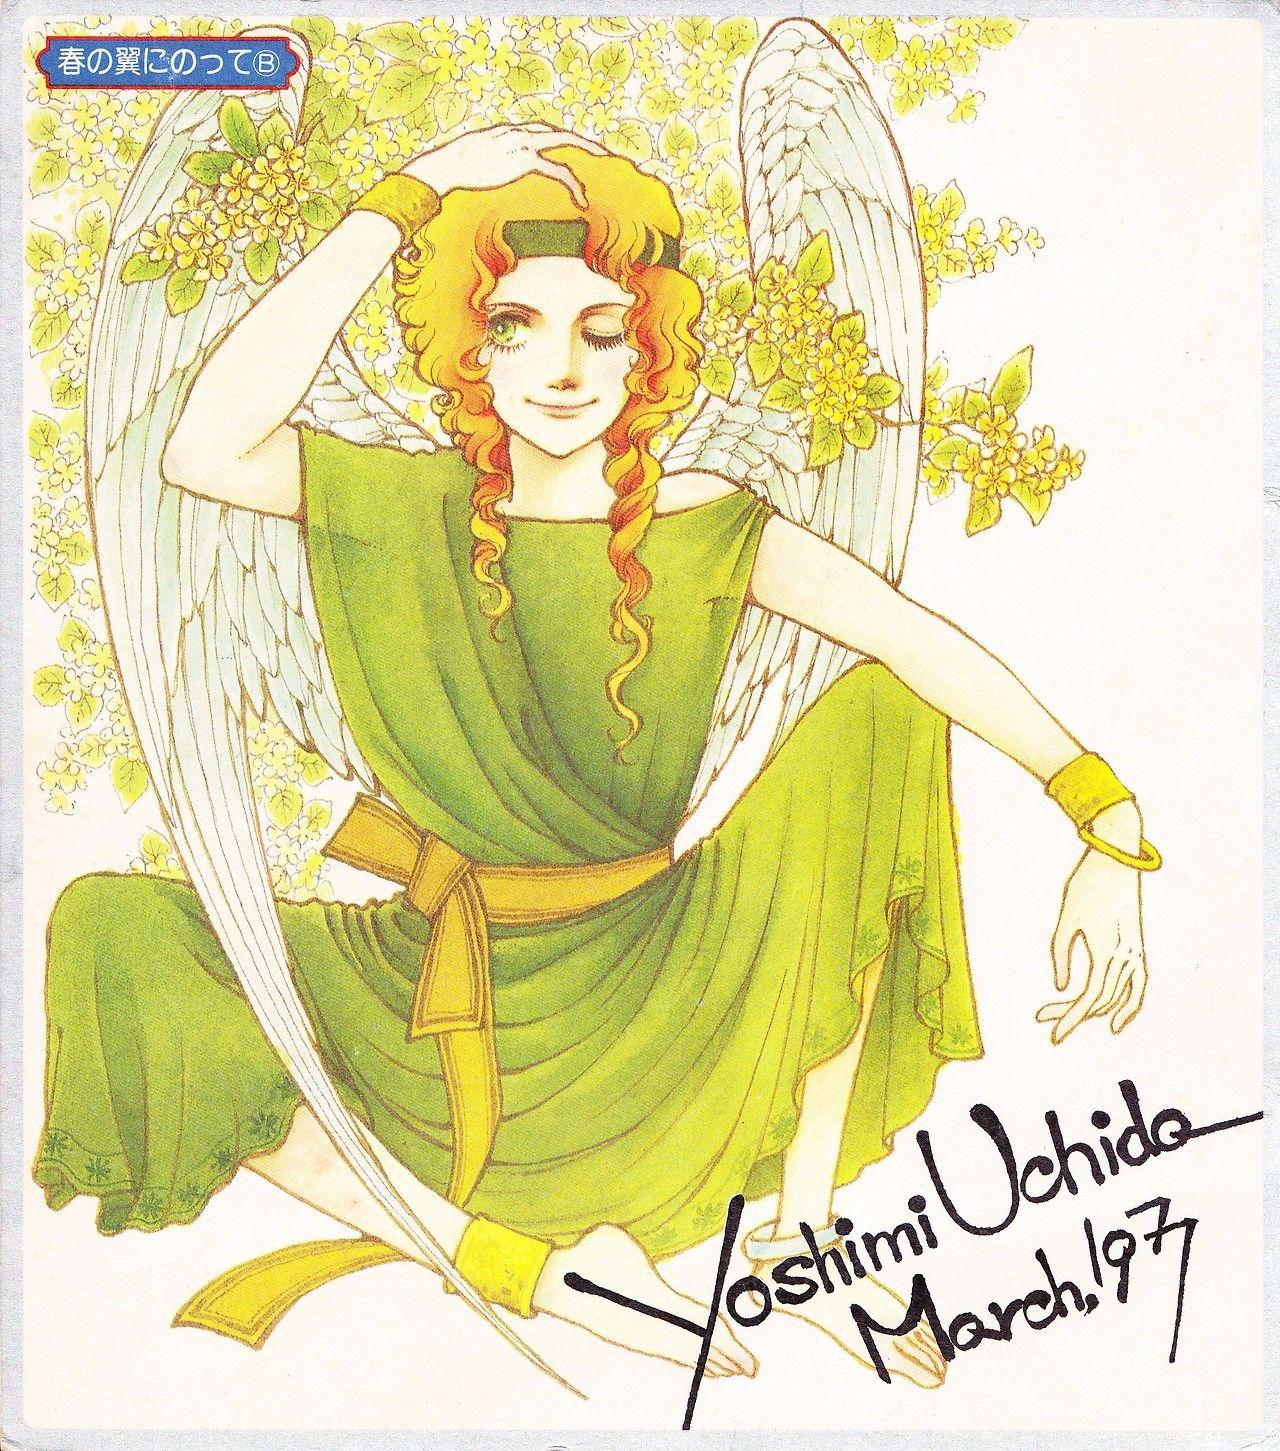 yoshimi uchida 1977年3月号りぼん付録色紙